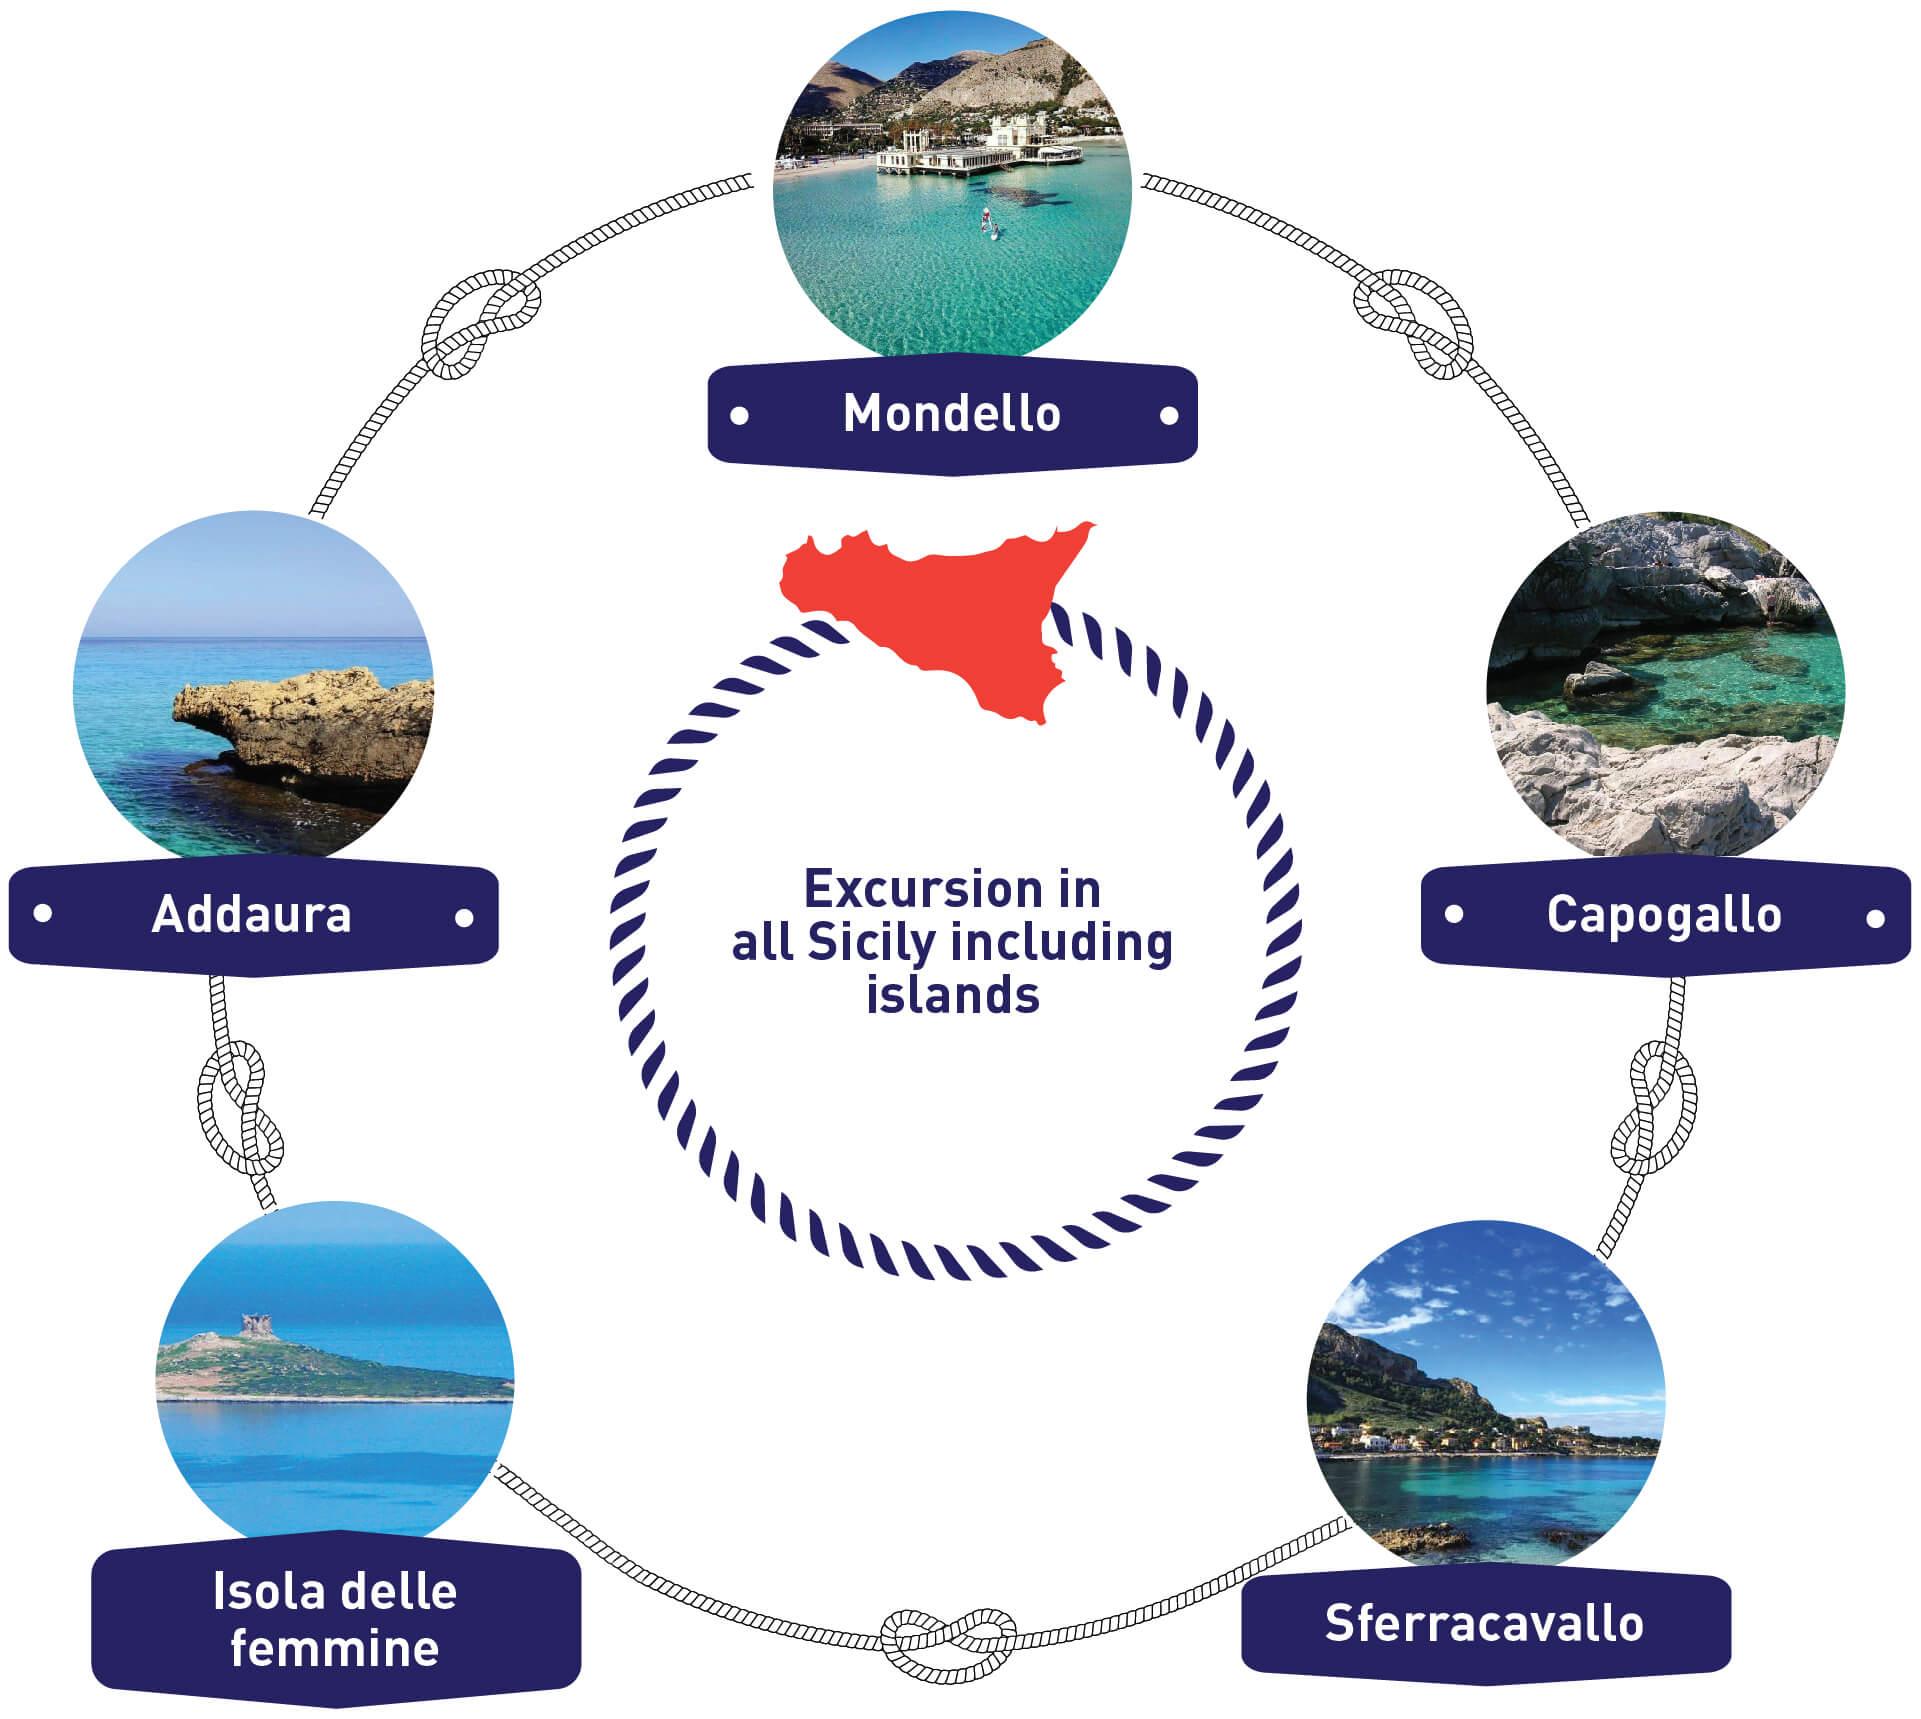 Sealife Palermo - Escursioni Sicilia e isole